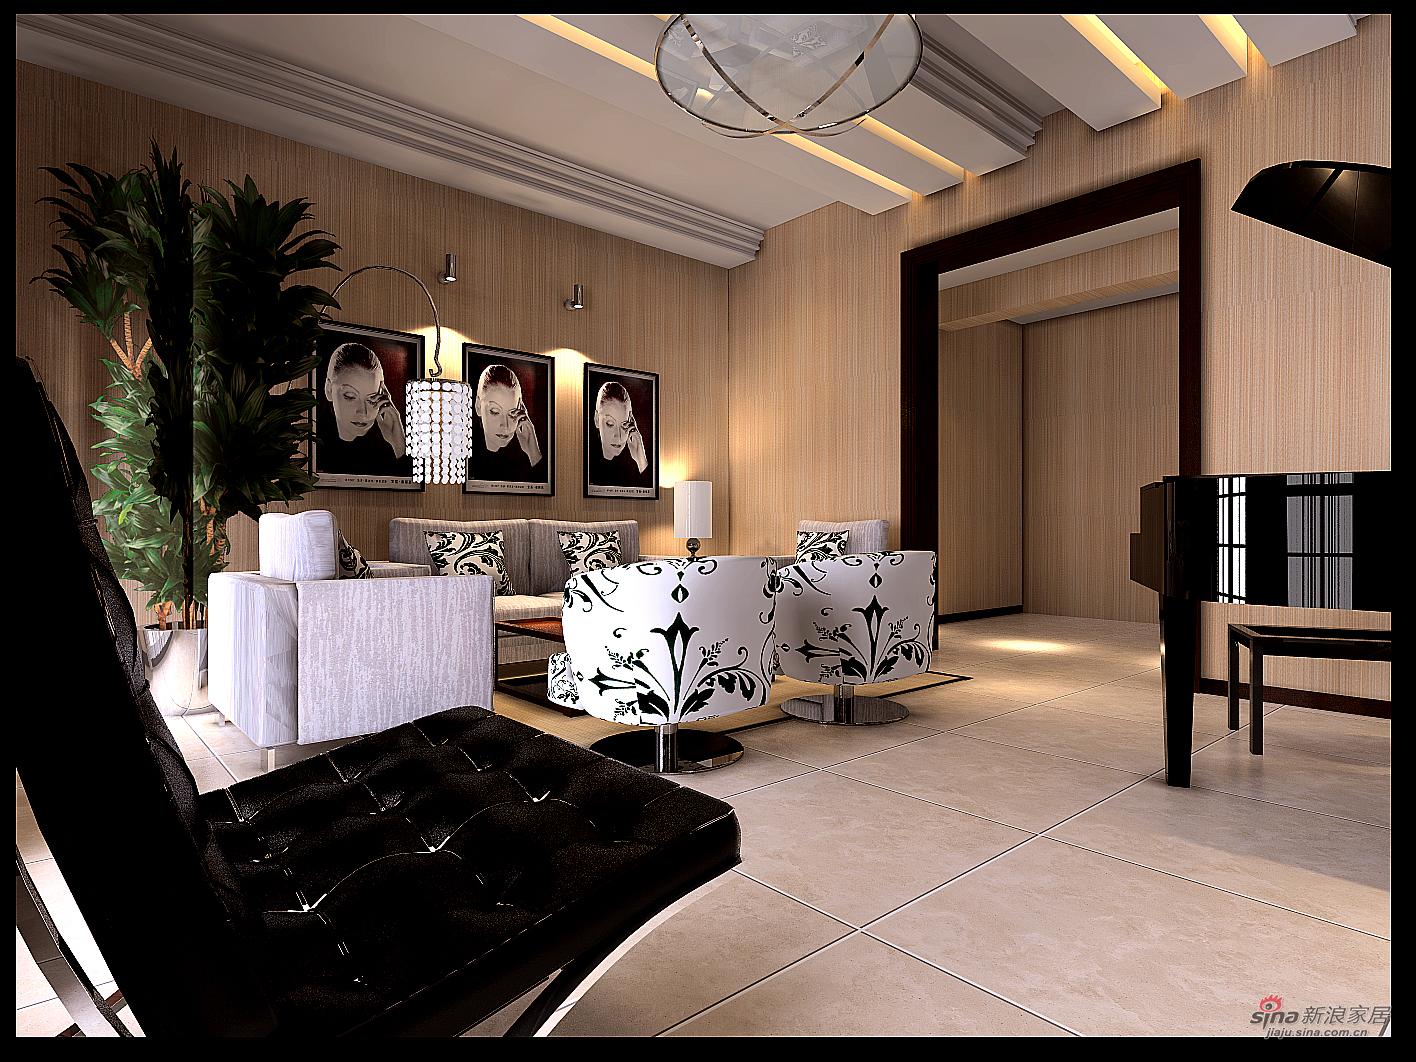 简约 别墅 客厅图片来自用户2737950087在简约居室设计25万基础工程款打造56的分享